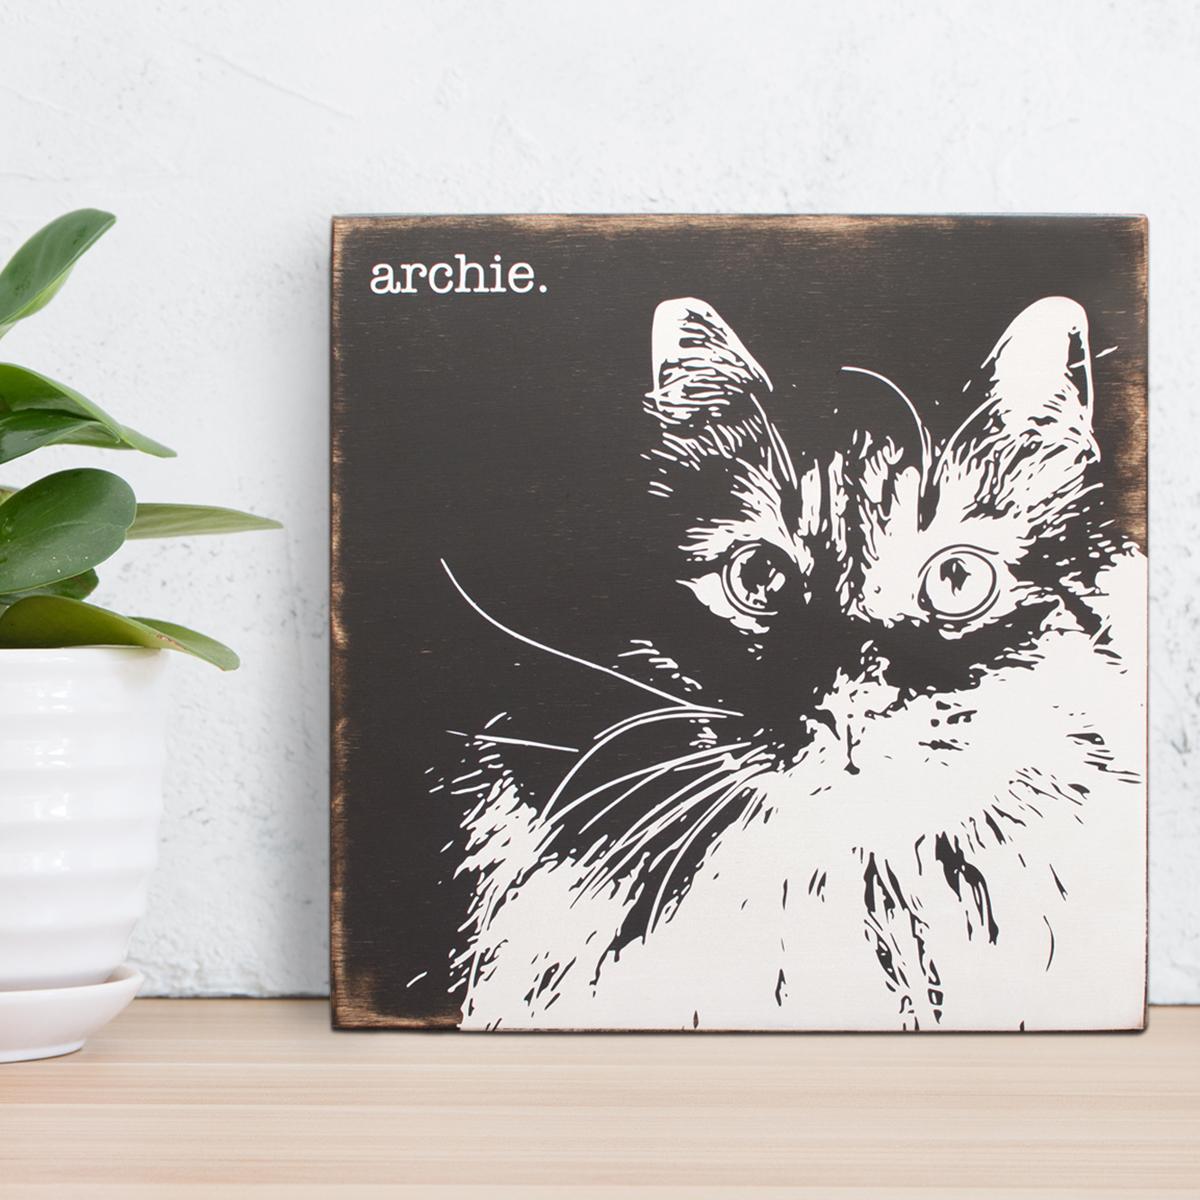 archie_cat.jpg